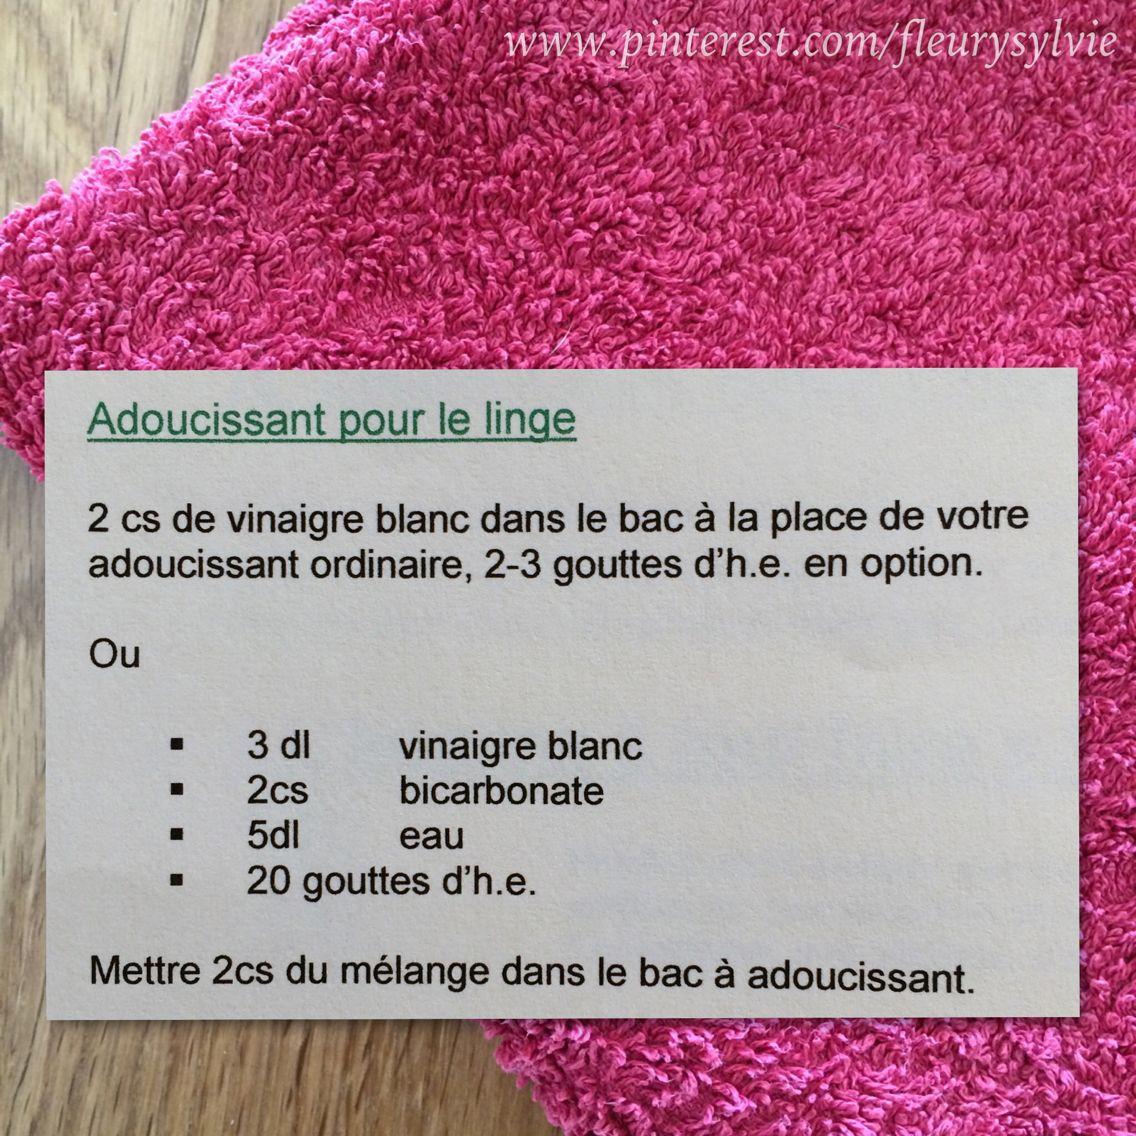 2 recettes d 39 adoucissant pour le linge pour la recette no2 attention au m lange bicarbonate. Black Bedroom Furniture Sets. Home Design Ideas